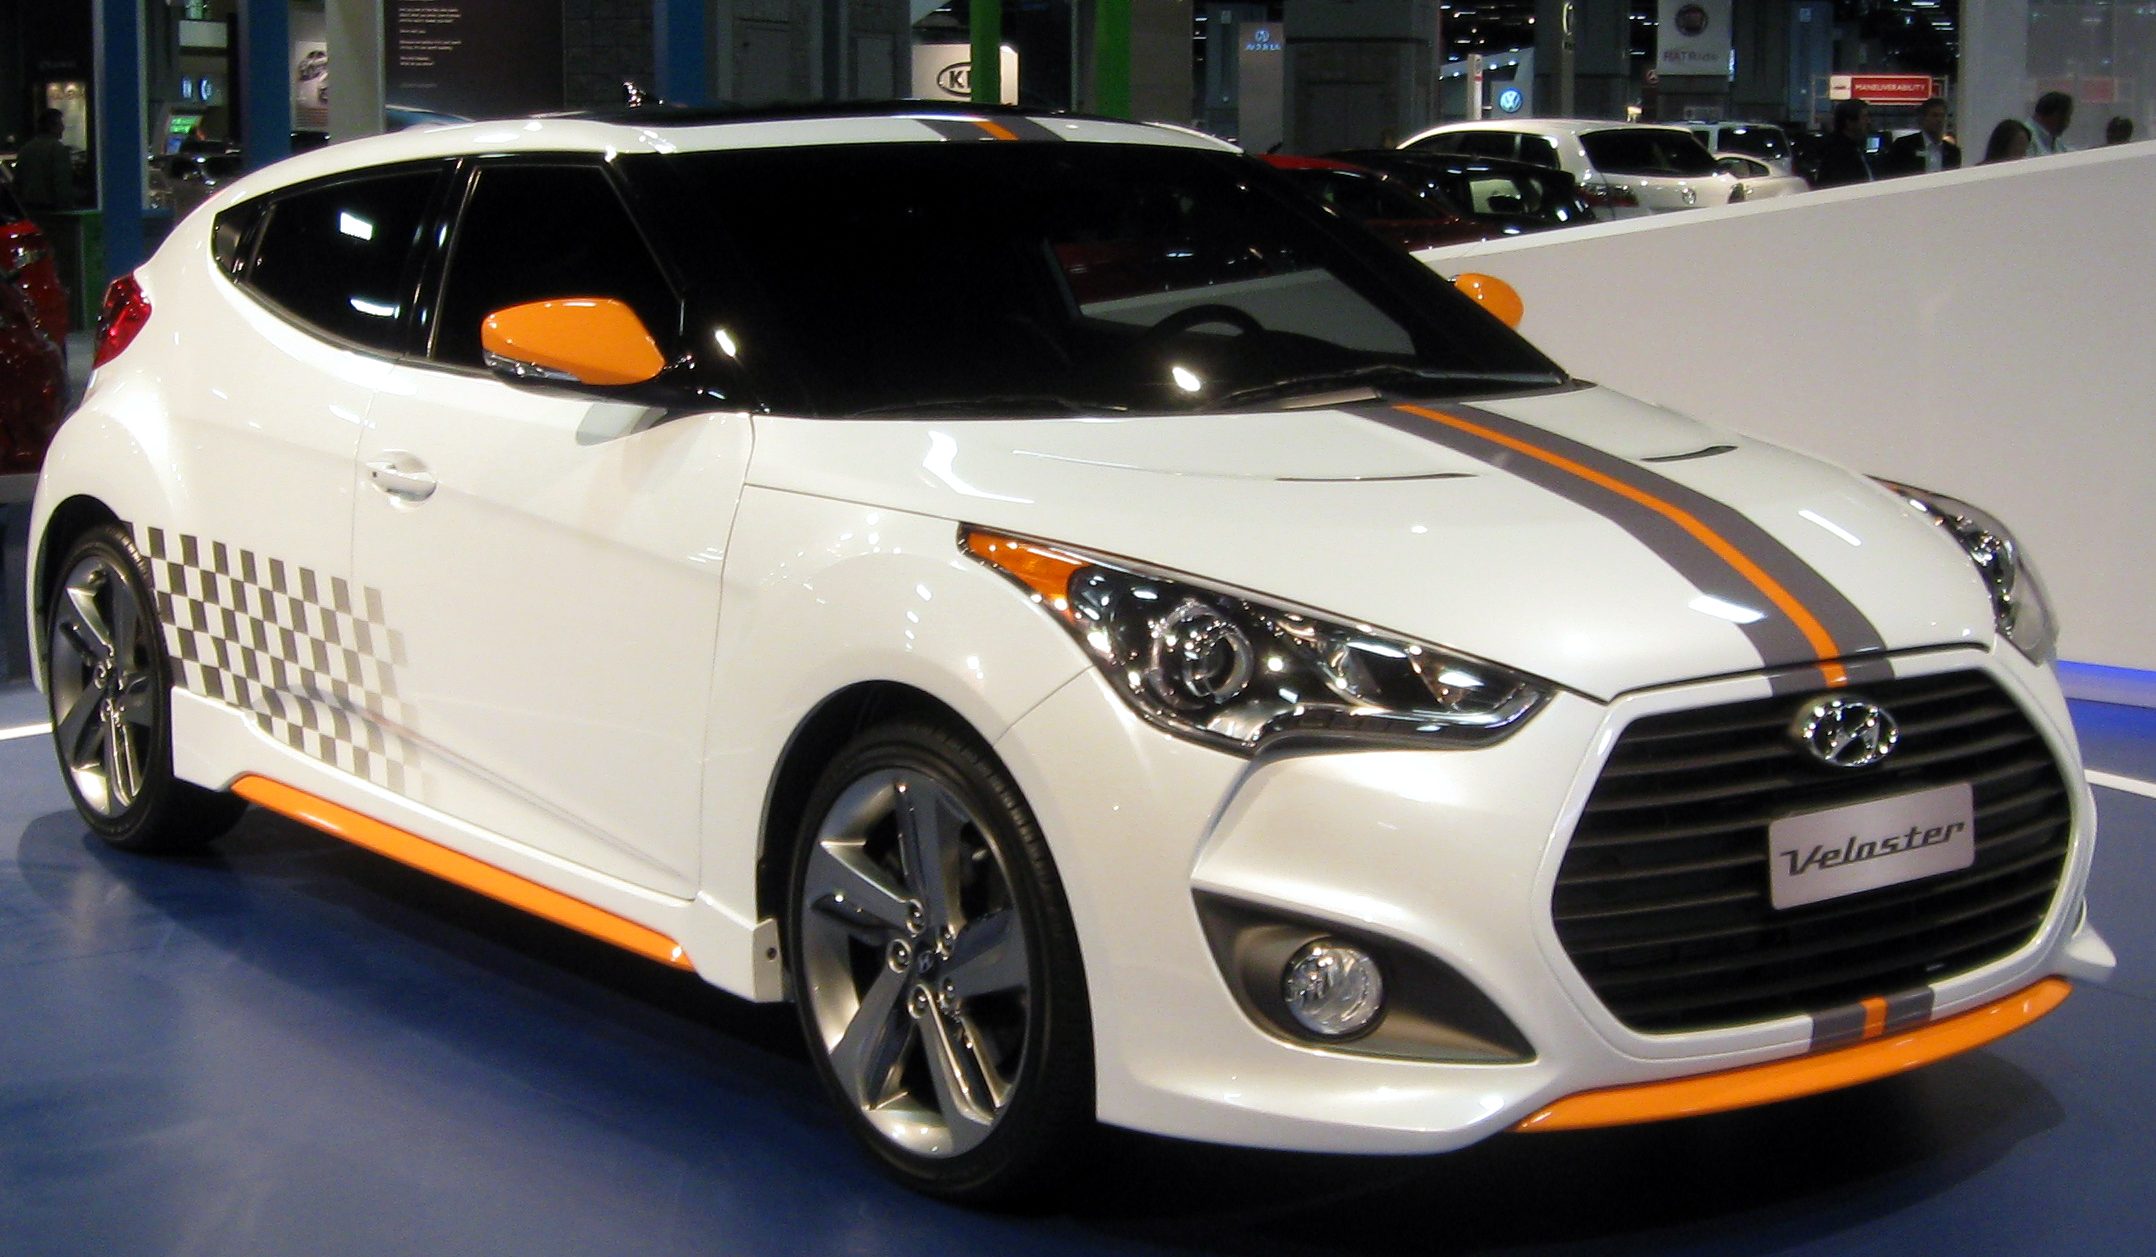 ��� ������ ������� ����� 2016 , ��� ������� ������� ������ Hyundai Santafe photo 2015_1391462332_920.